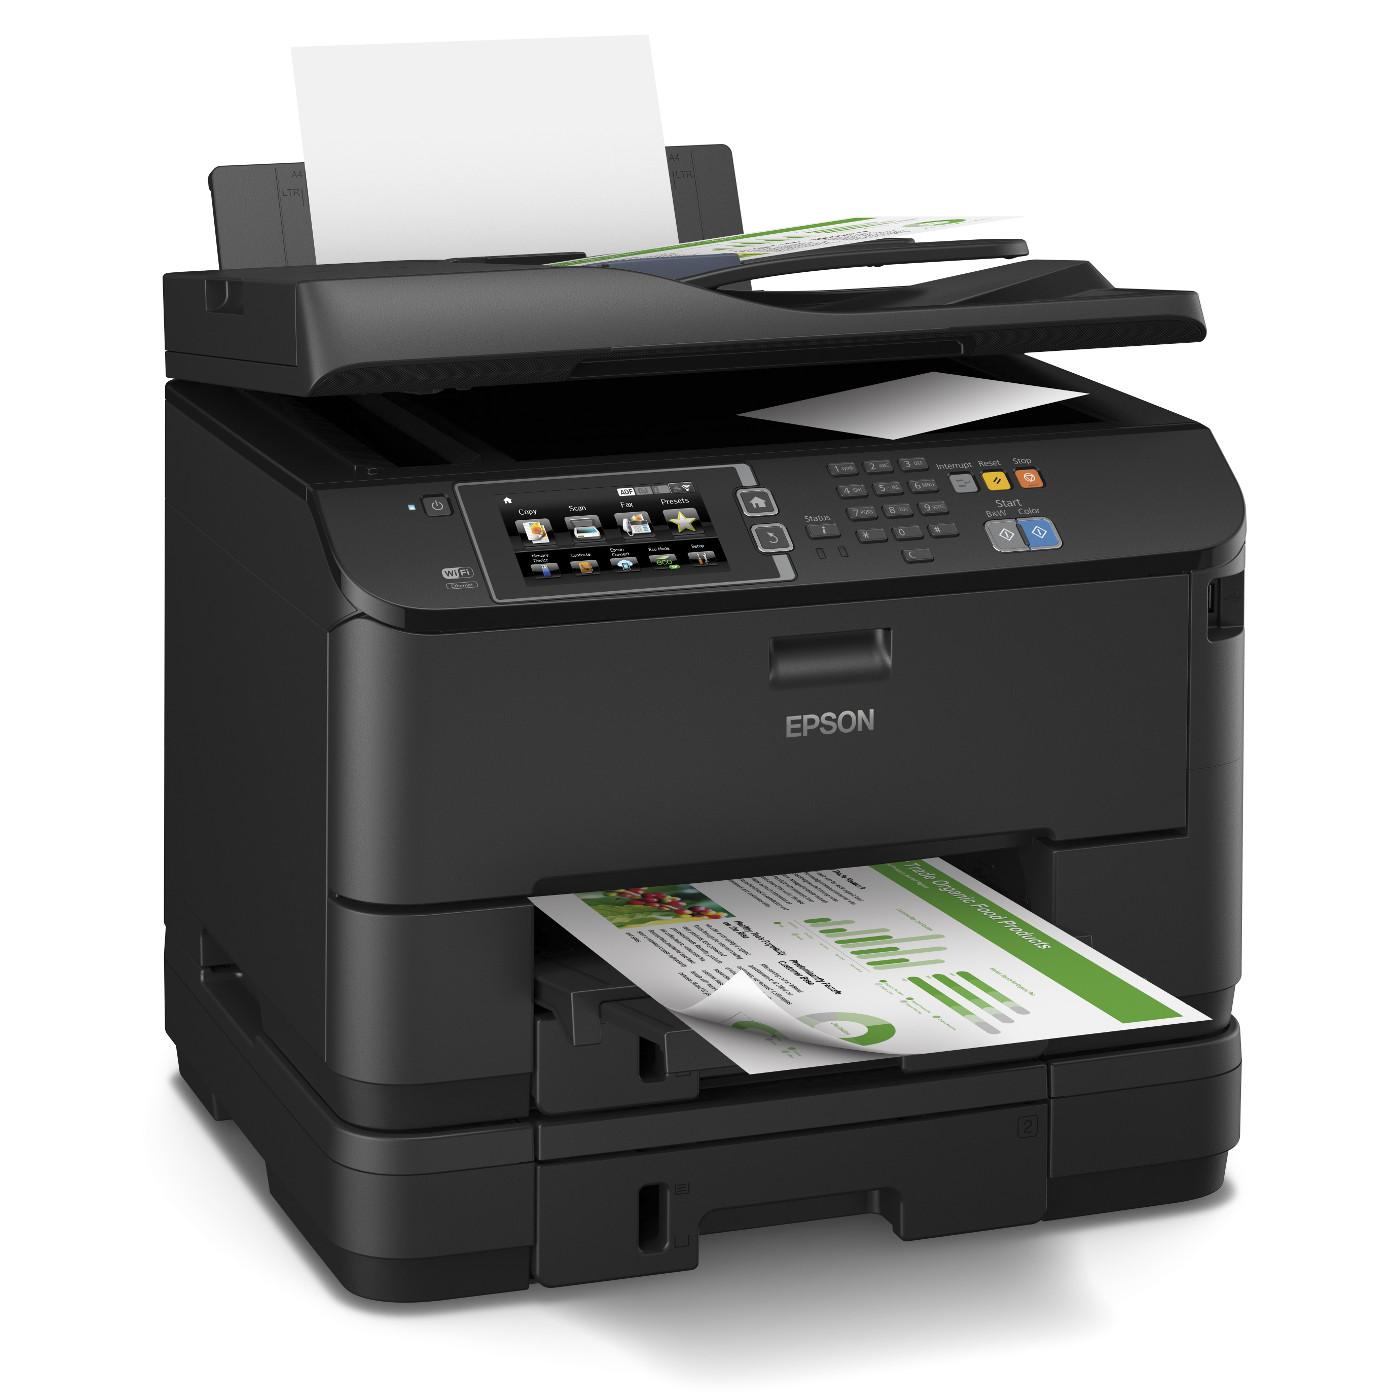 epson workforce pro wf 4640dtw imprimante multifonction. Black Bedroom Furniture Sets. Home Design Ideas